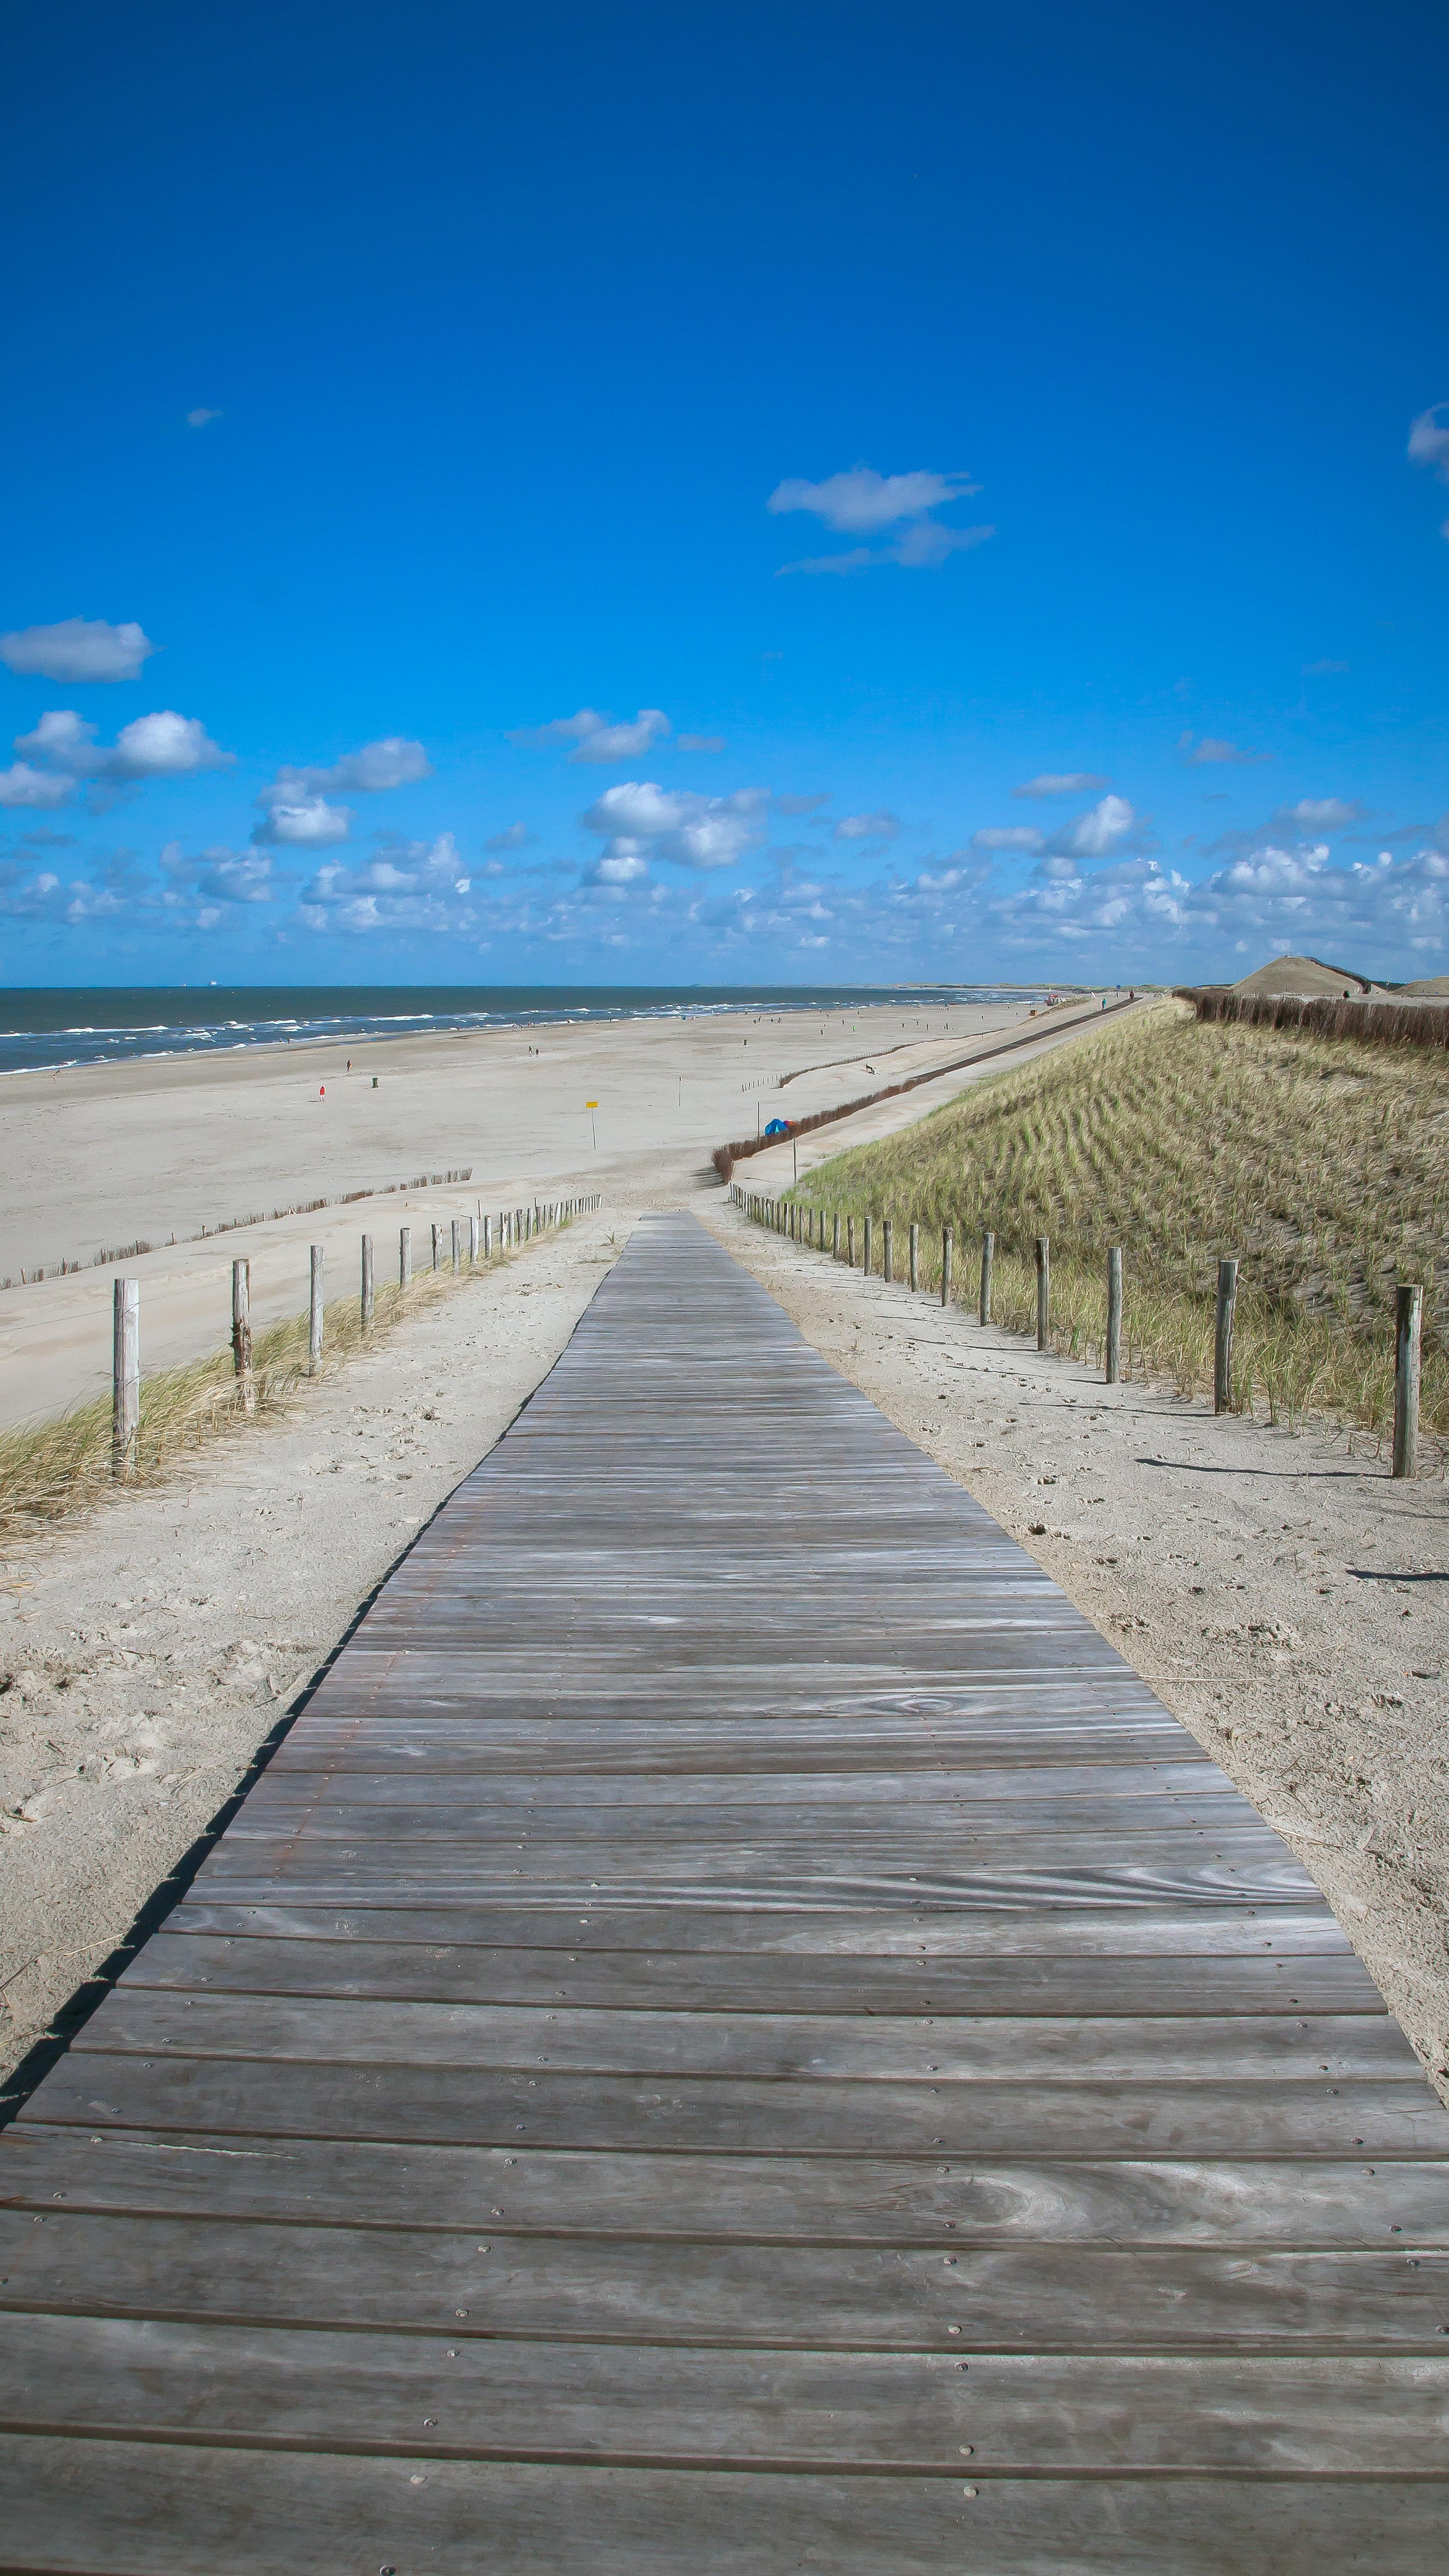 En la playa 26 - 3 part 8